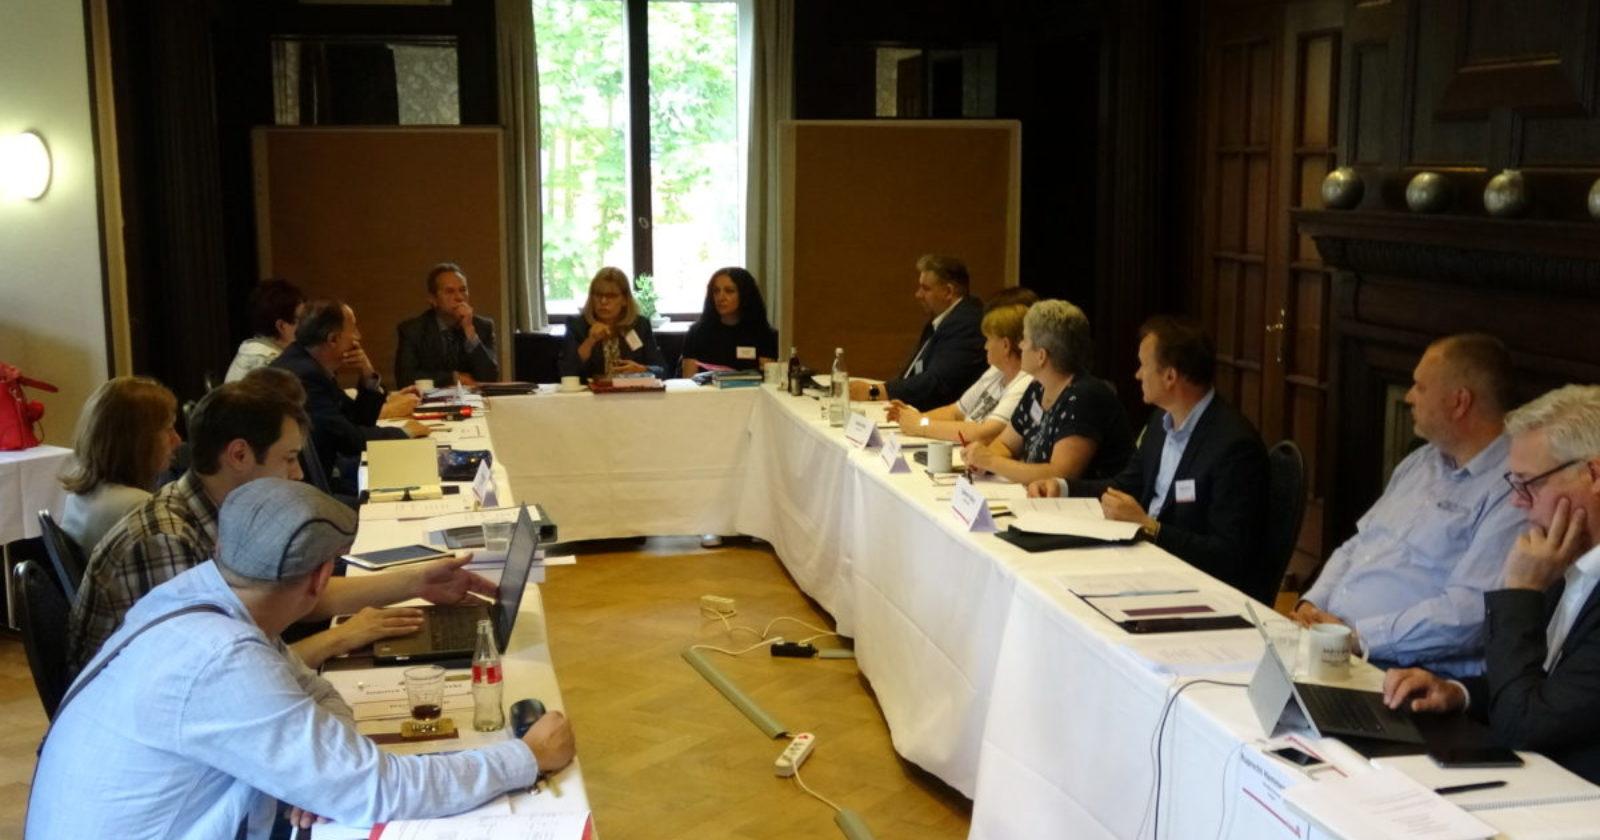 Rahmentarifvertrag für das Gebäudereiniger-Handwerk: Ab heute wird wieder verhandelt